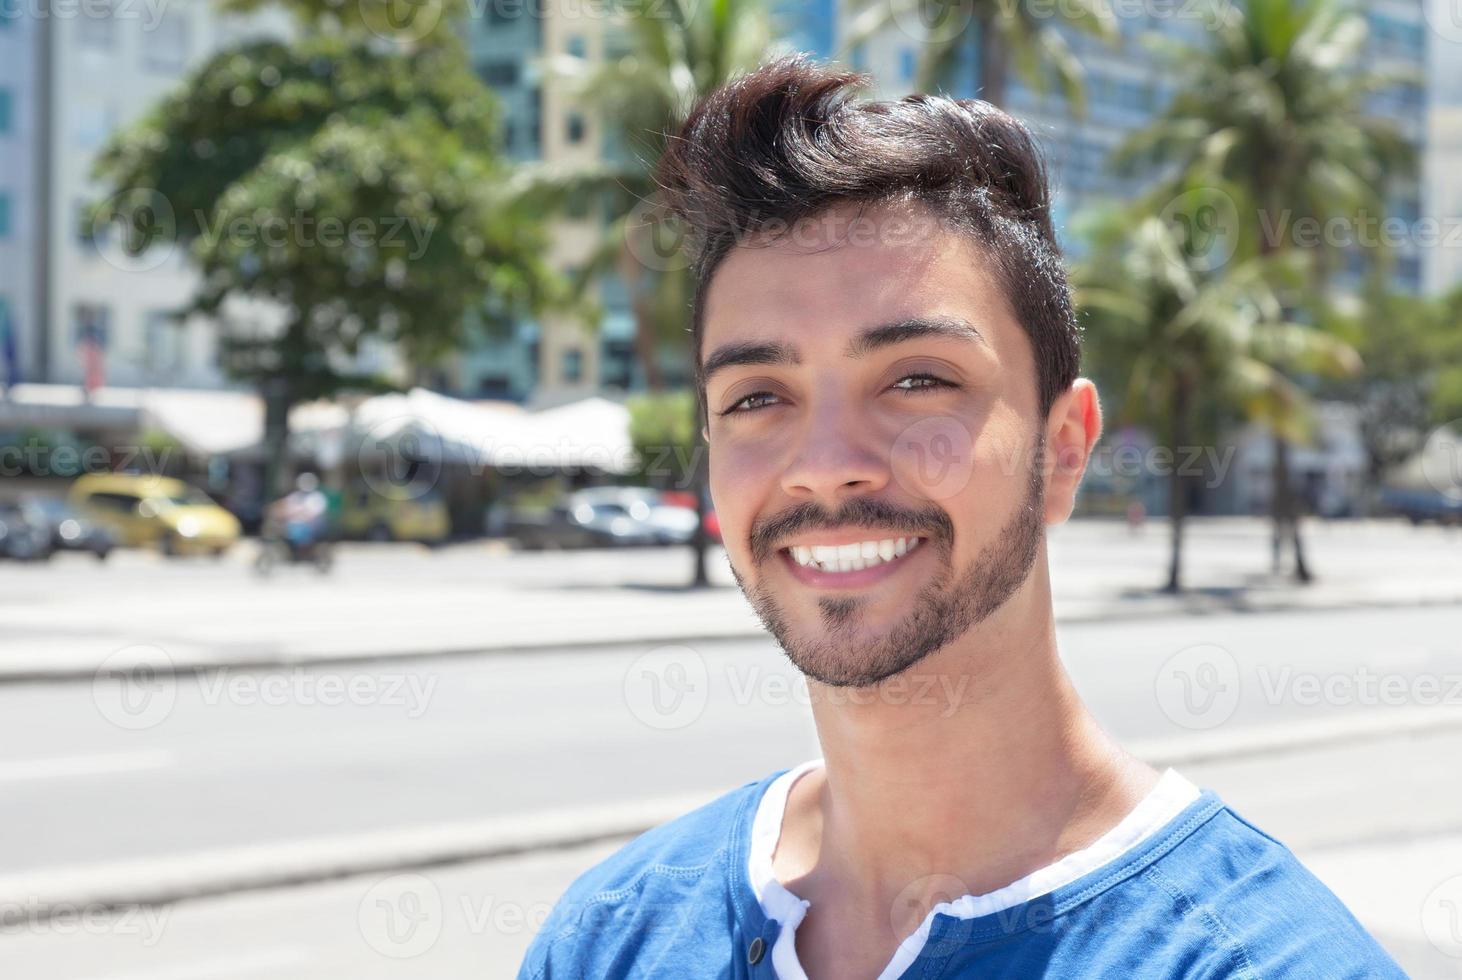 drömmer brasiliansk kille i en modern stad foto